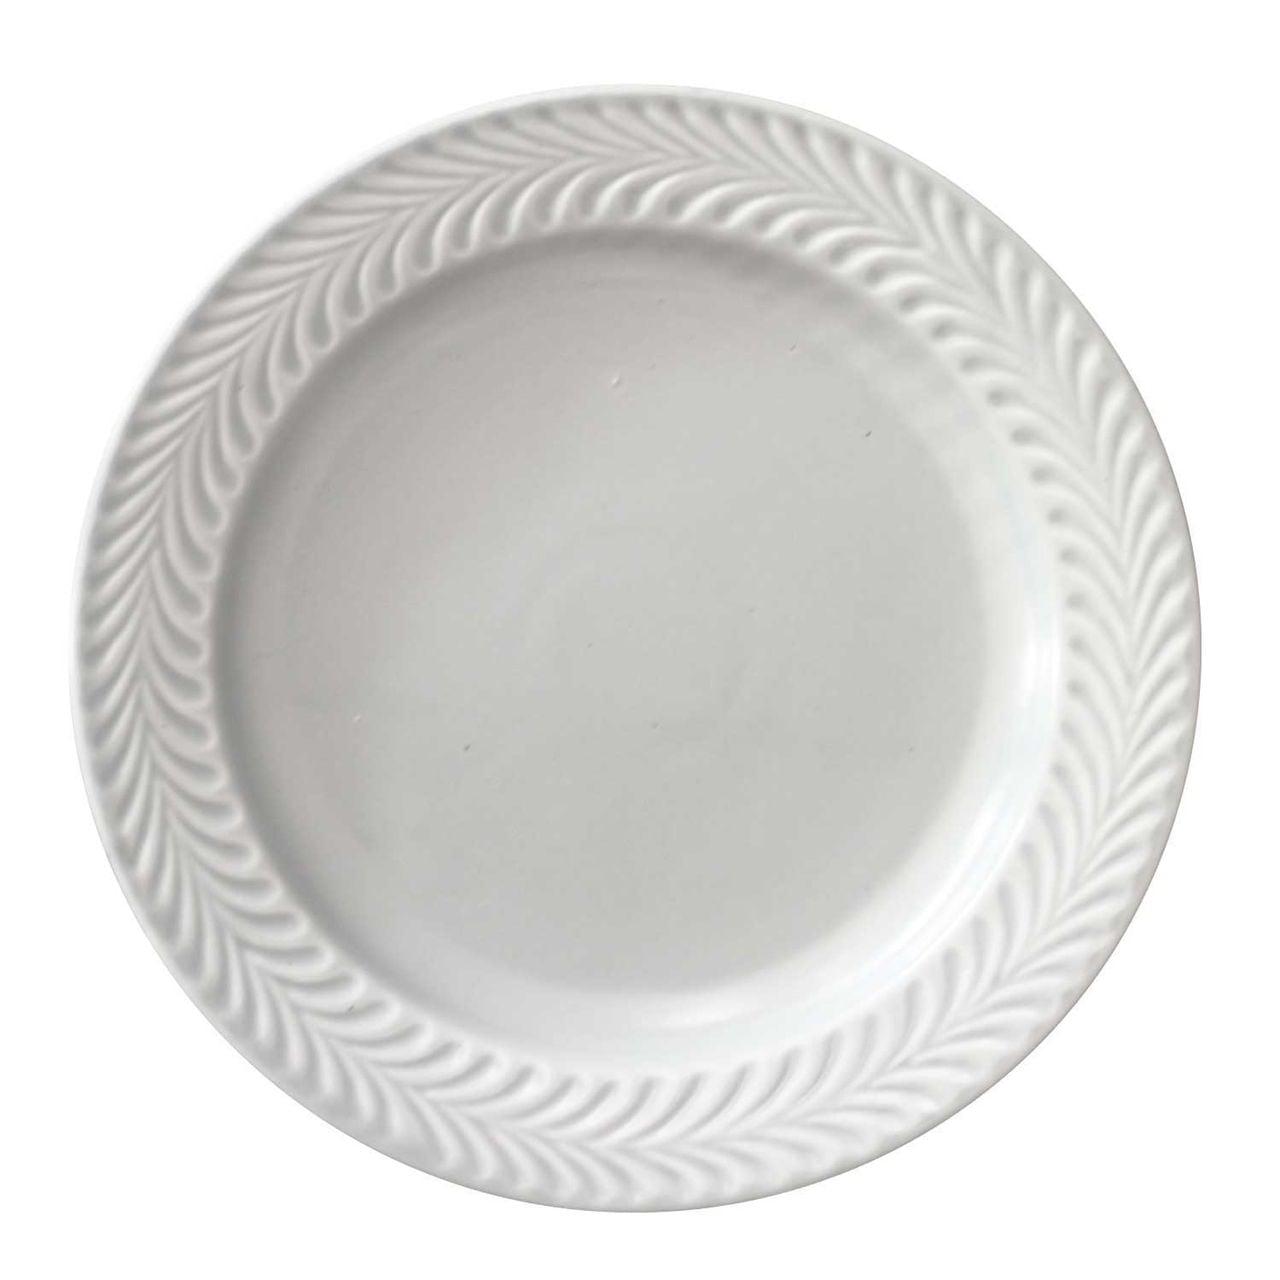 波佐見焼 翔芳窯 ローズマリー リムプレート 皿 約18cm マットグレー 33396